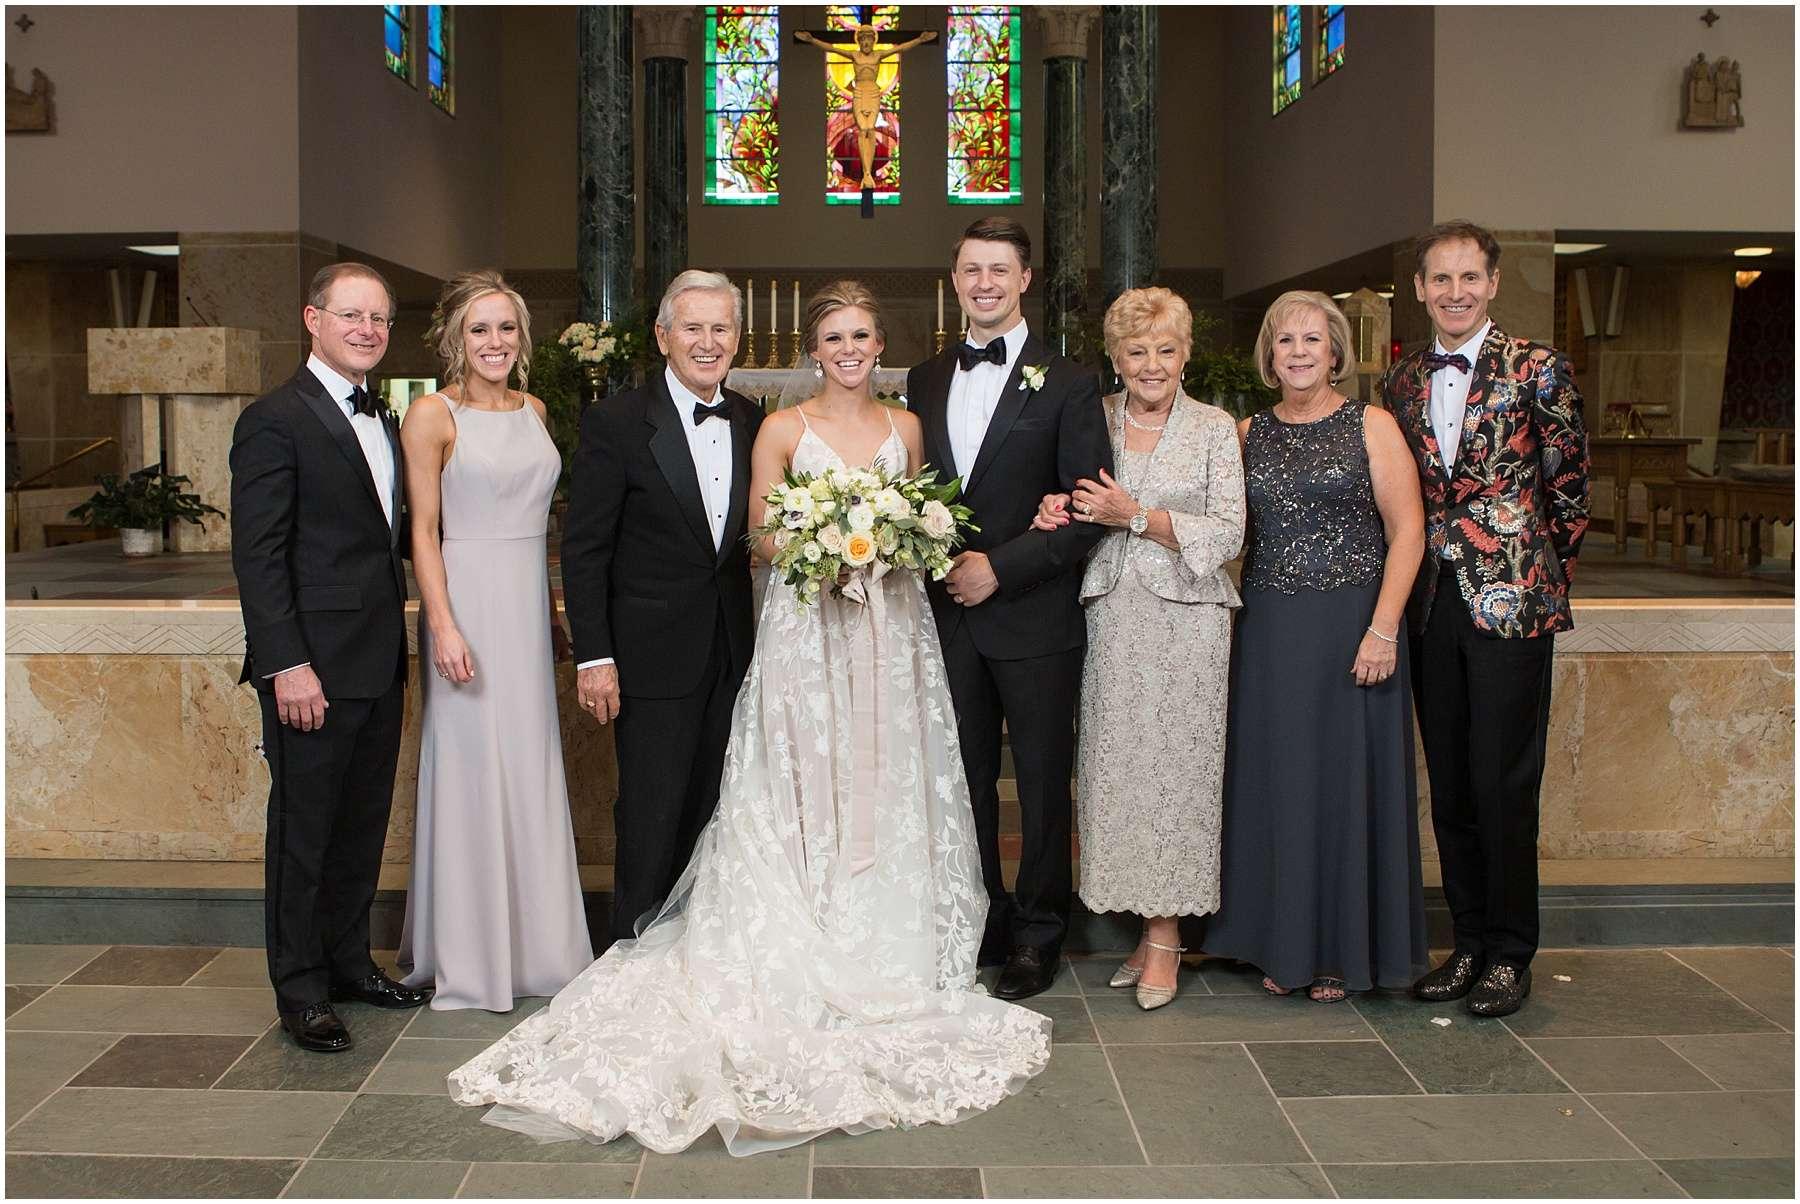 Wedding at the Ohio Statehouse | Columbus Ohio Weddings 136